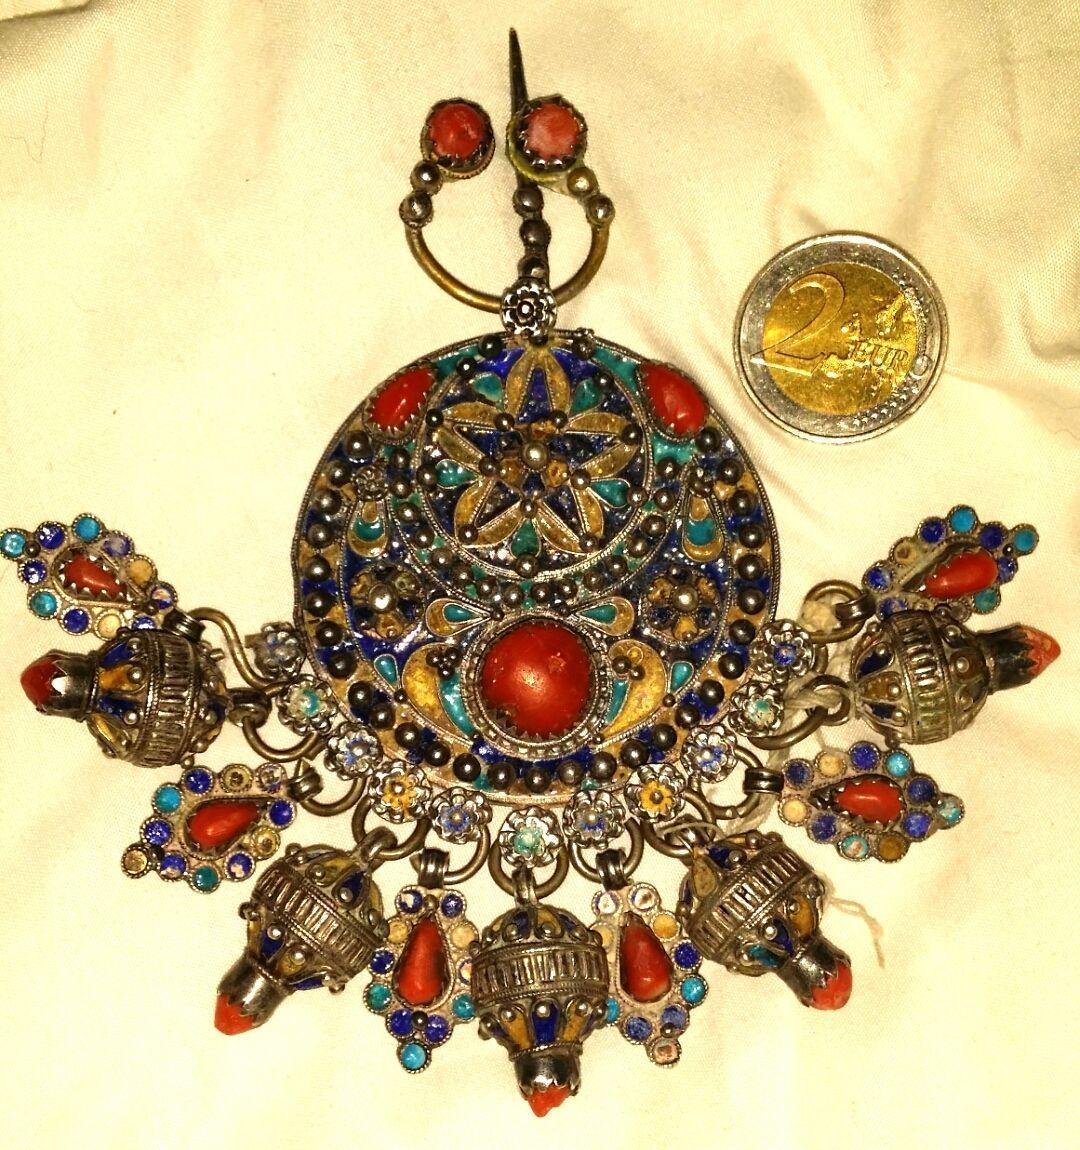 Bijoux Algerie Argent : Tabzimt kabyle berbere corail argent bijoux